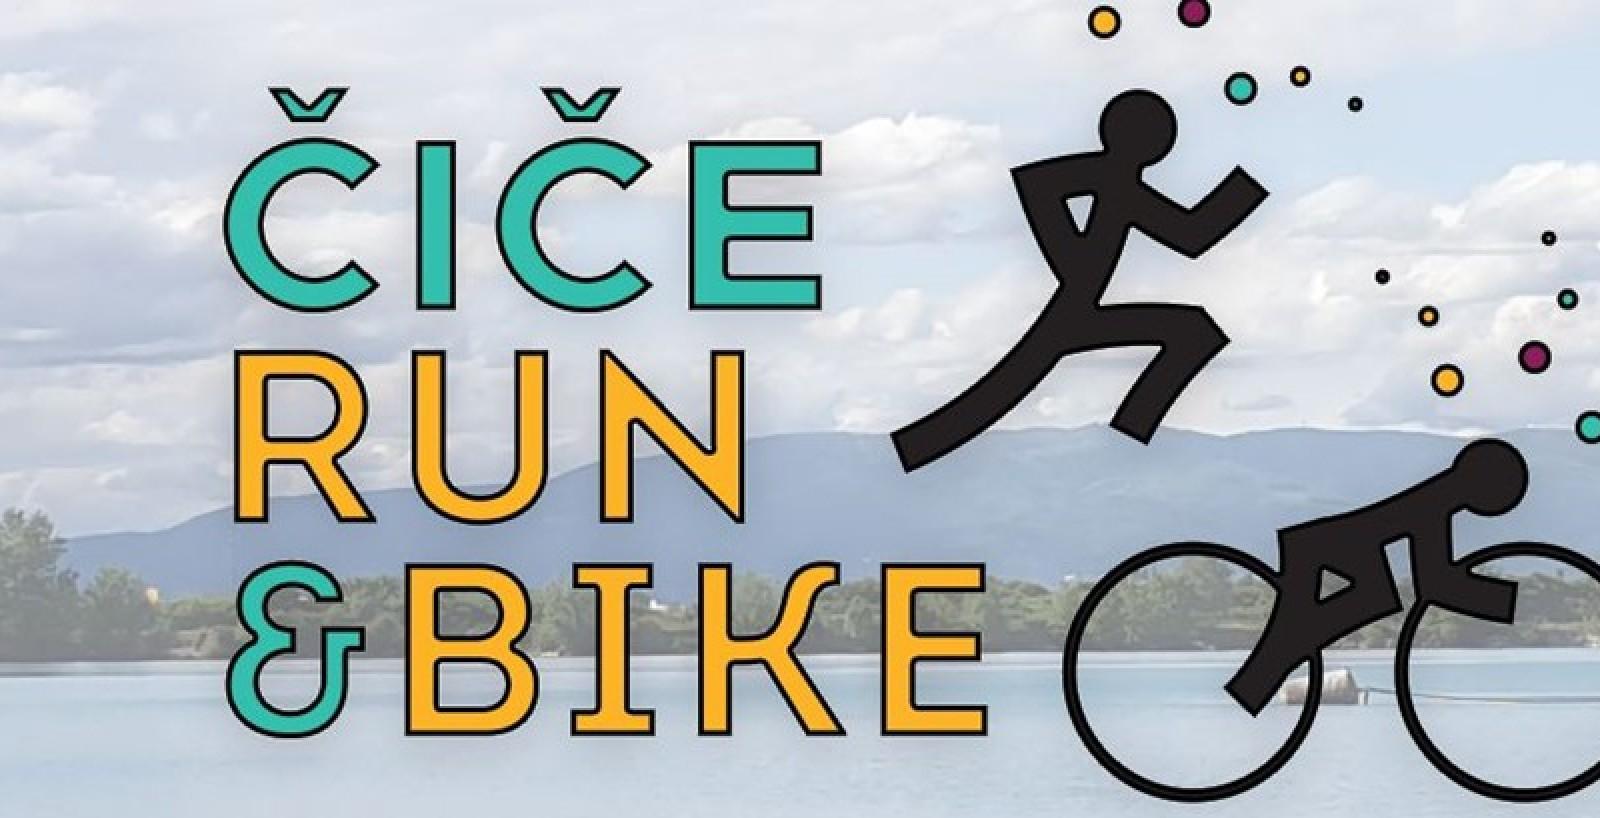 Čiče Run & Bike: Sportsko-rekreativna liga za trkače i bicikliste uz obalu jezera Čiče